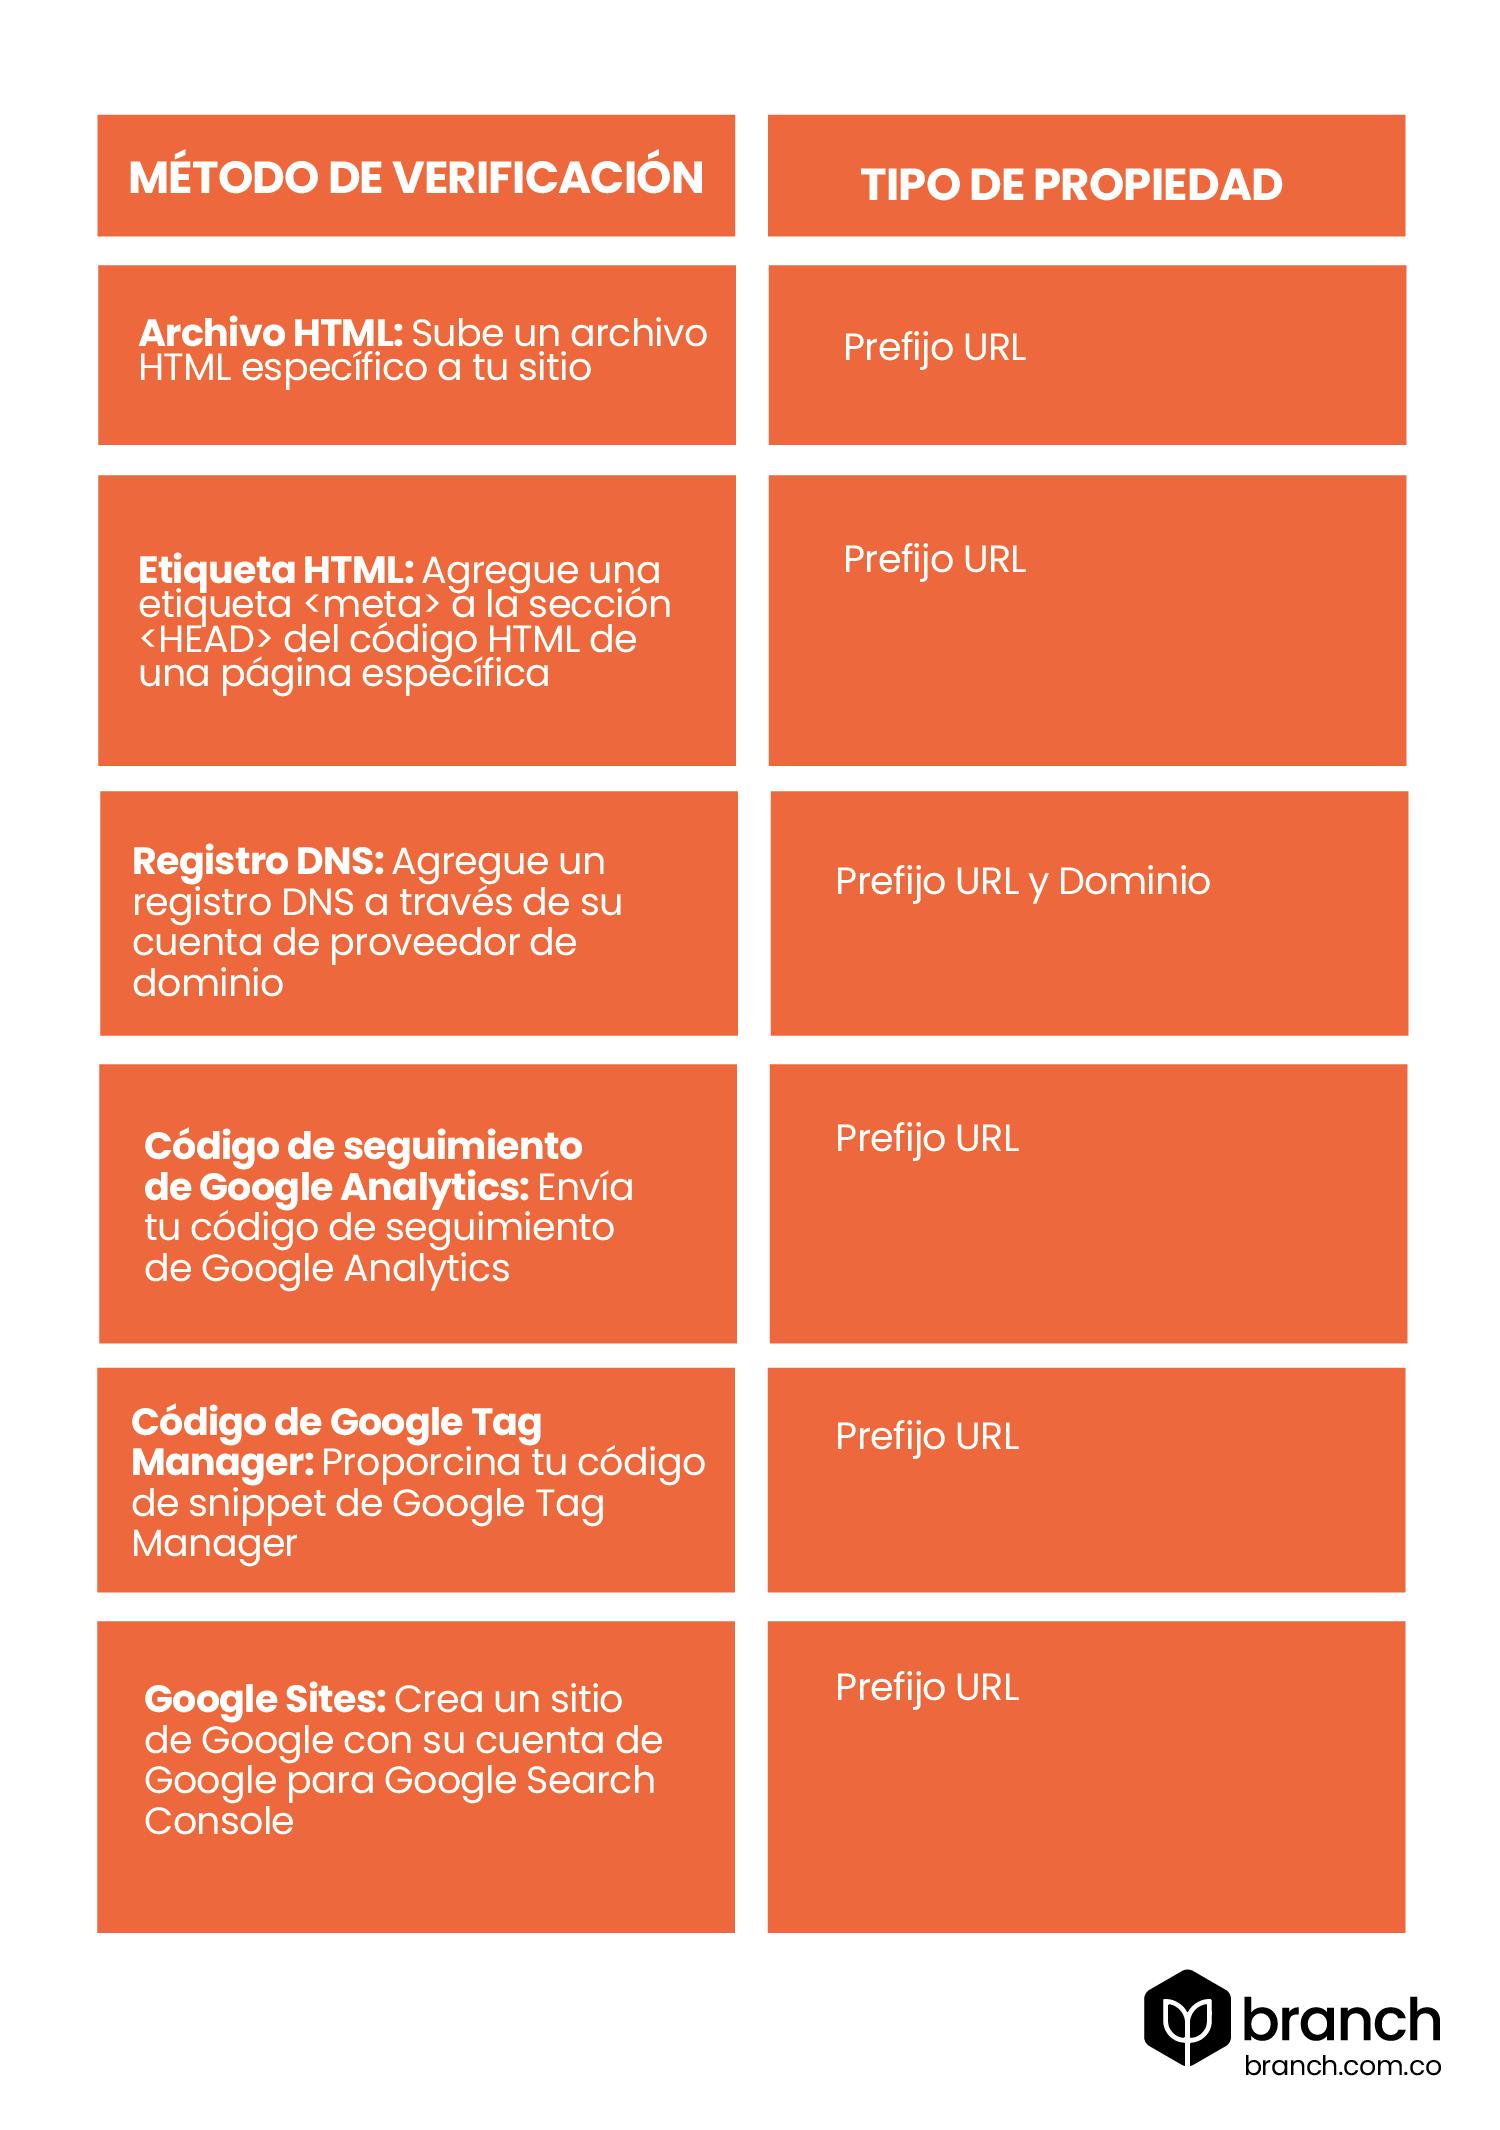 metodos-de-verificacion-de-google-search-console